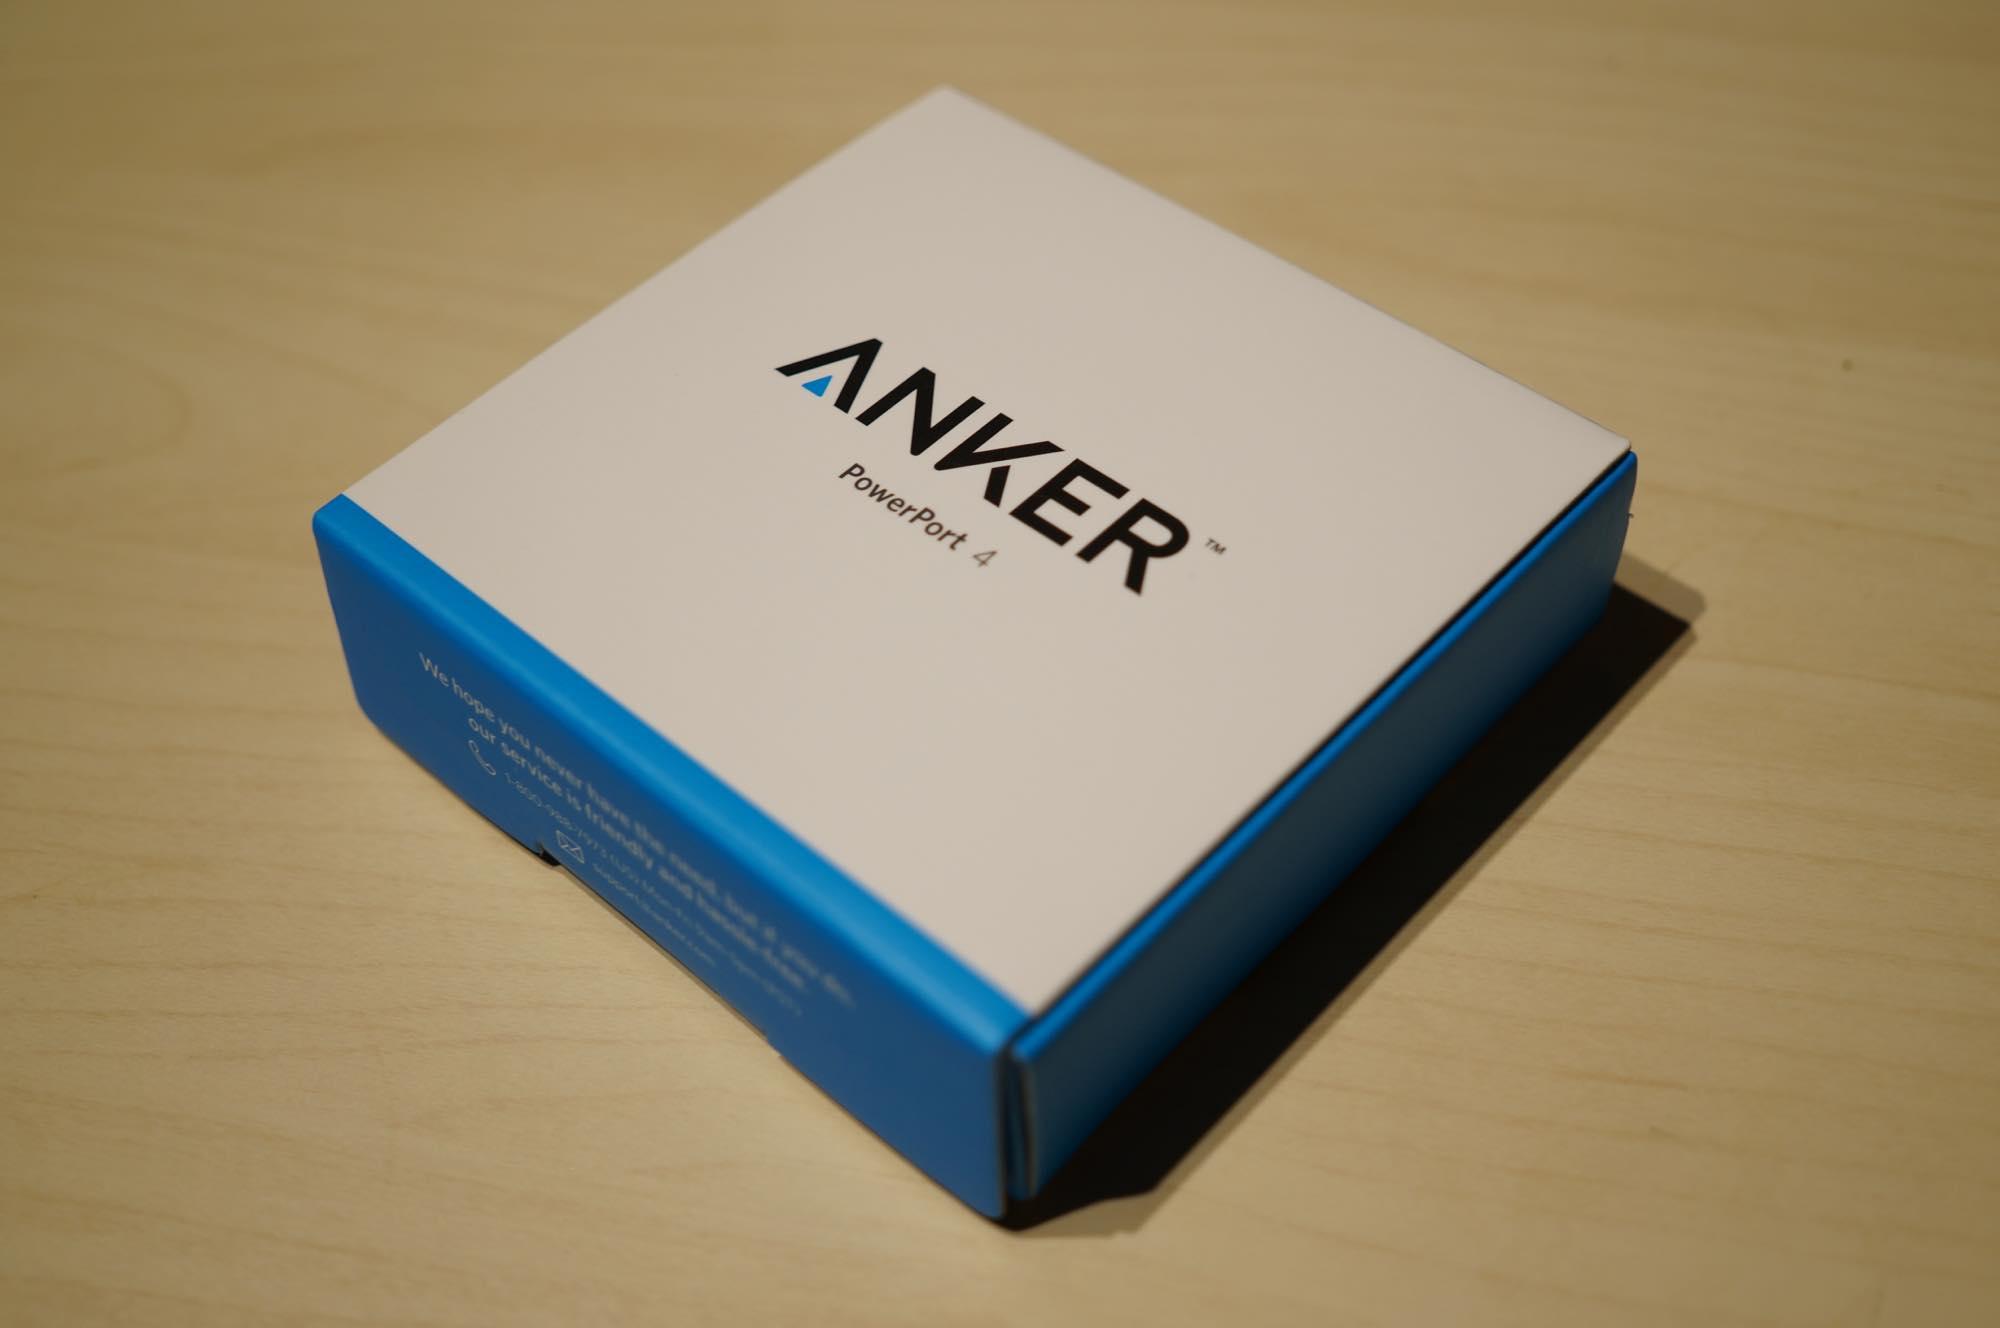 Anker-PowerPort1